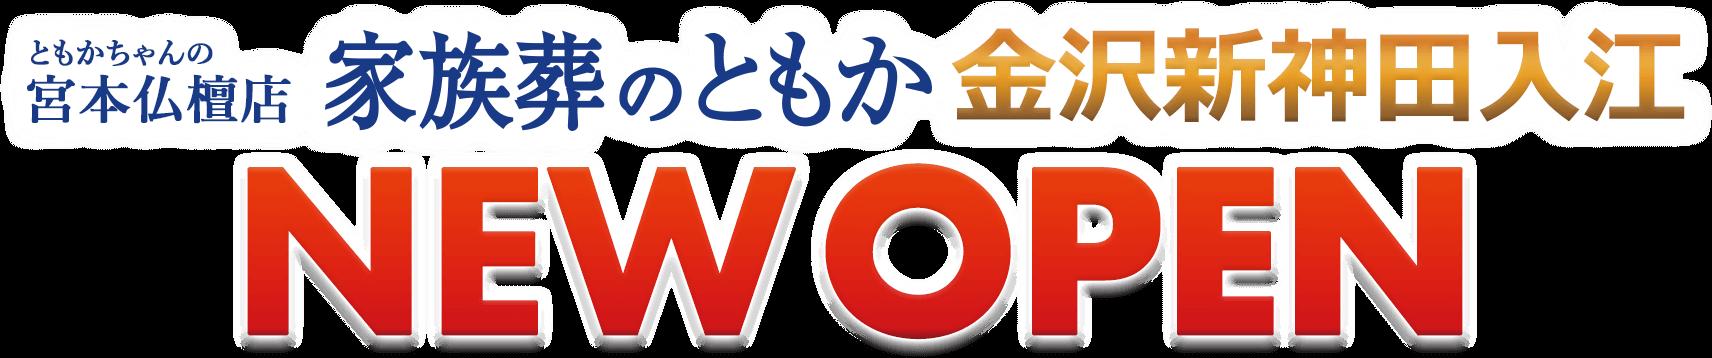 金沢新神田入江 7/10オープン